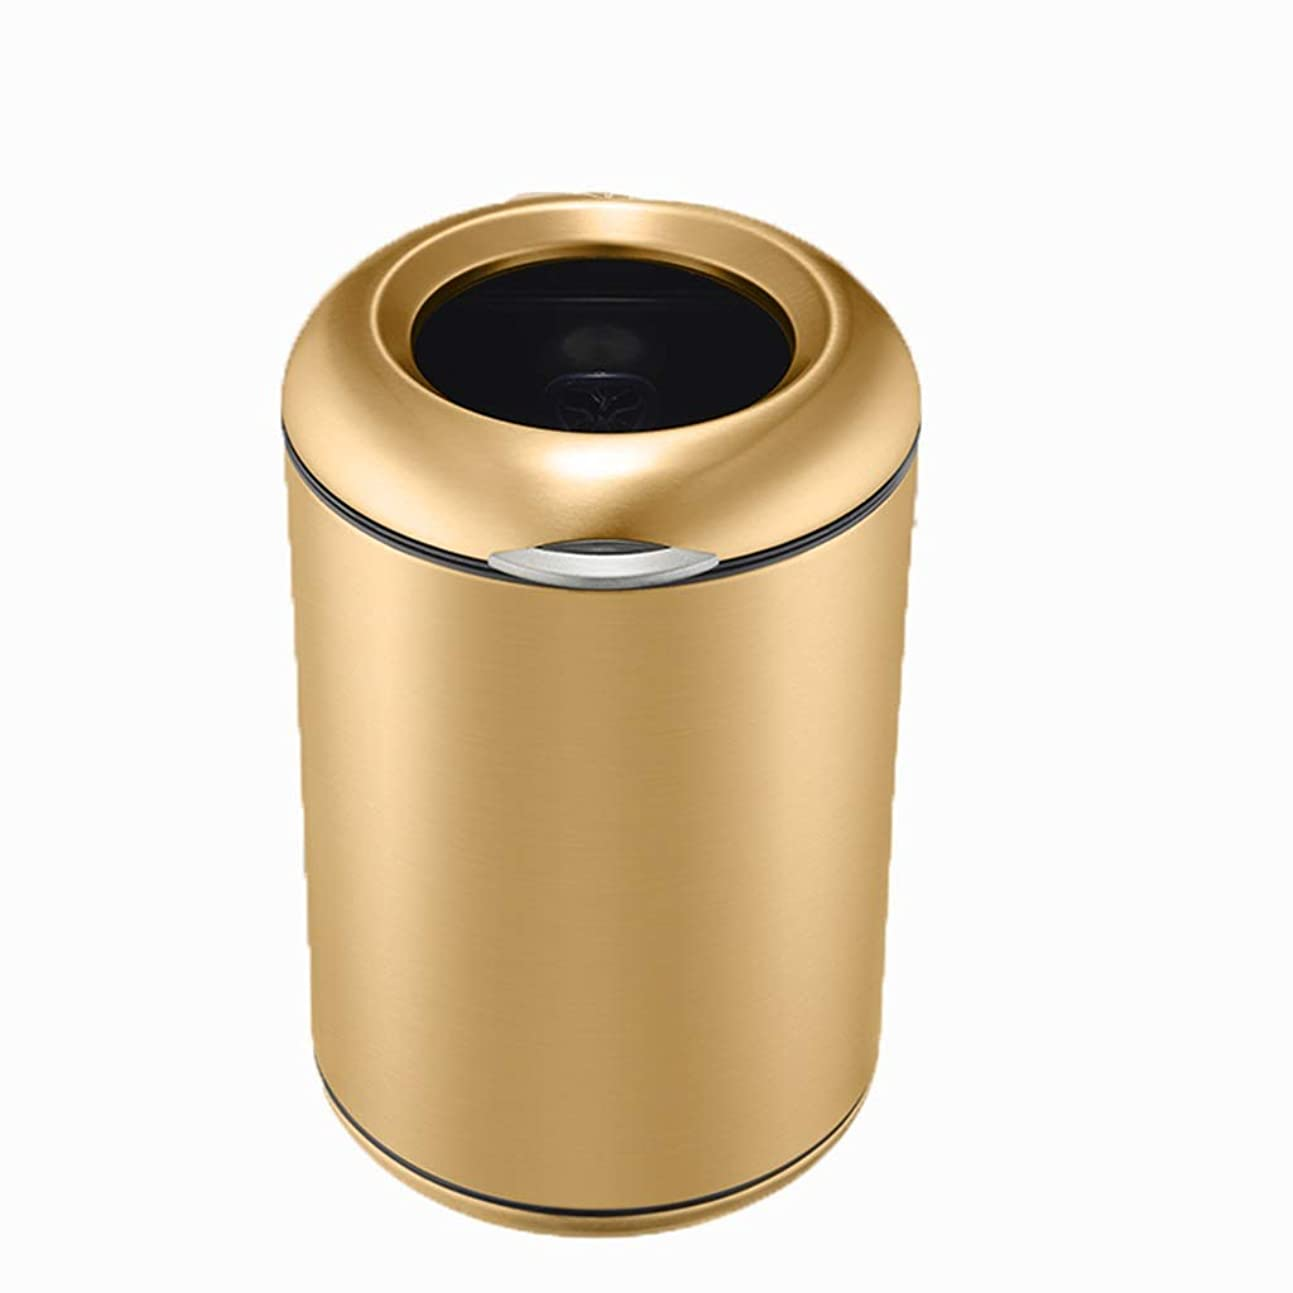 社交的論争的付き添い人ゴミ箱ステンレス鋼ゴミ箱丸型デザインなしカバー圧力リング固定ゴミ袋簡単に掃除ホームリビングルームベッドルームキッチンバスルームトイレ Gaozs (Color : Gold)